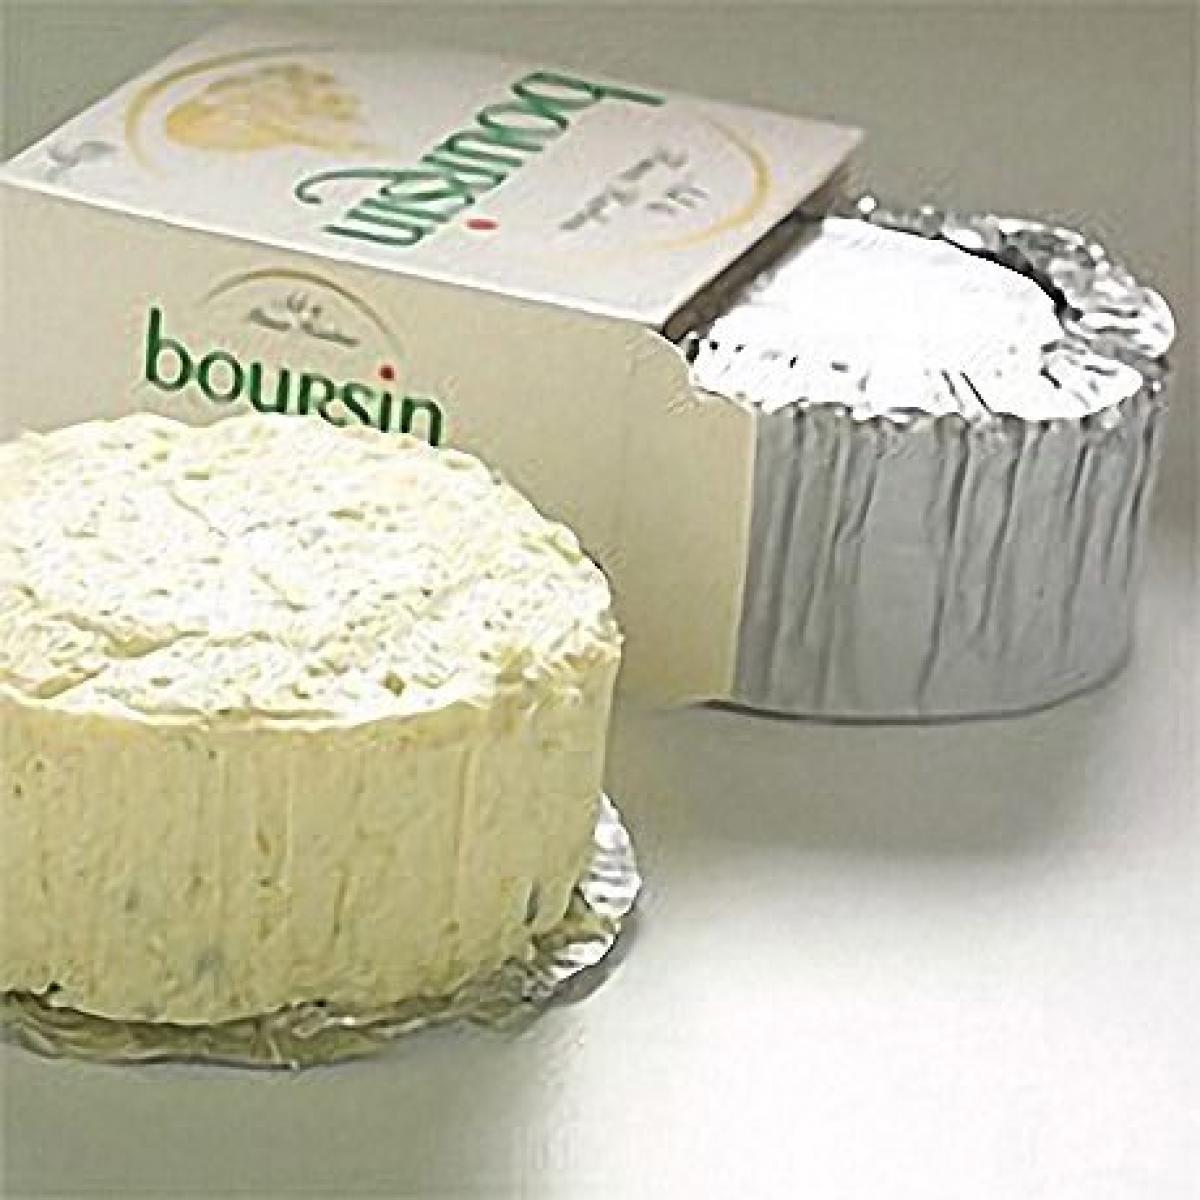 Boursin 19401